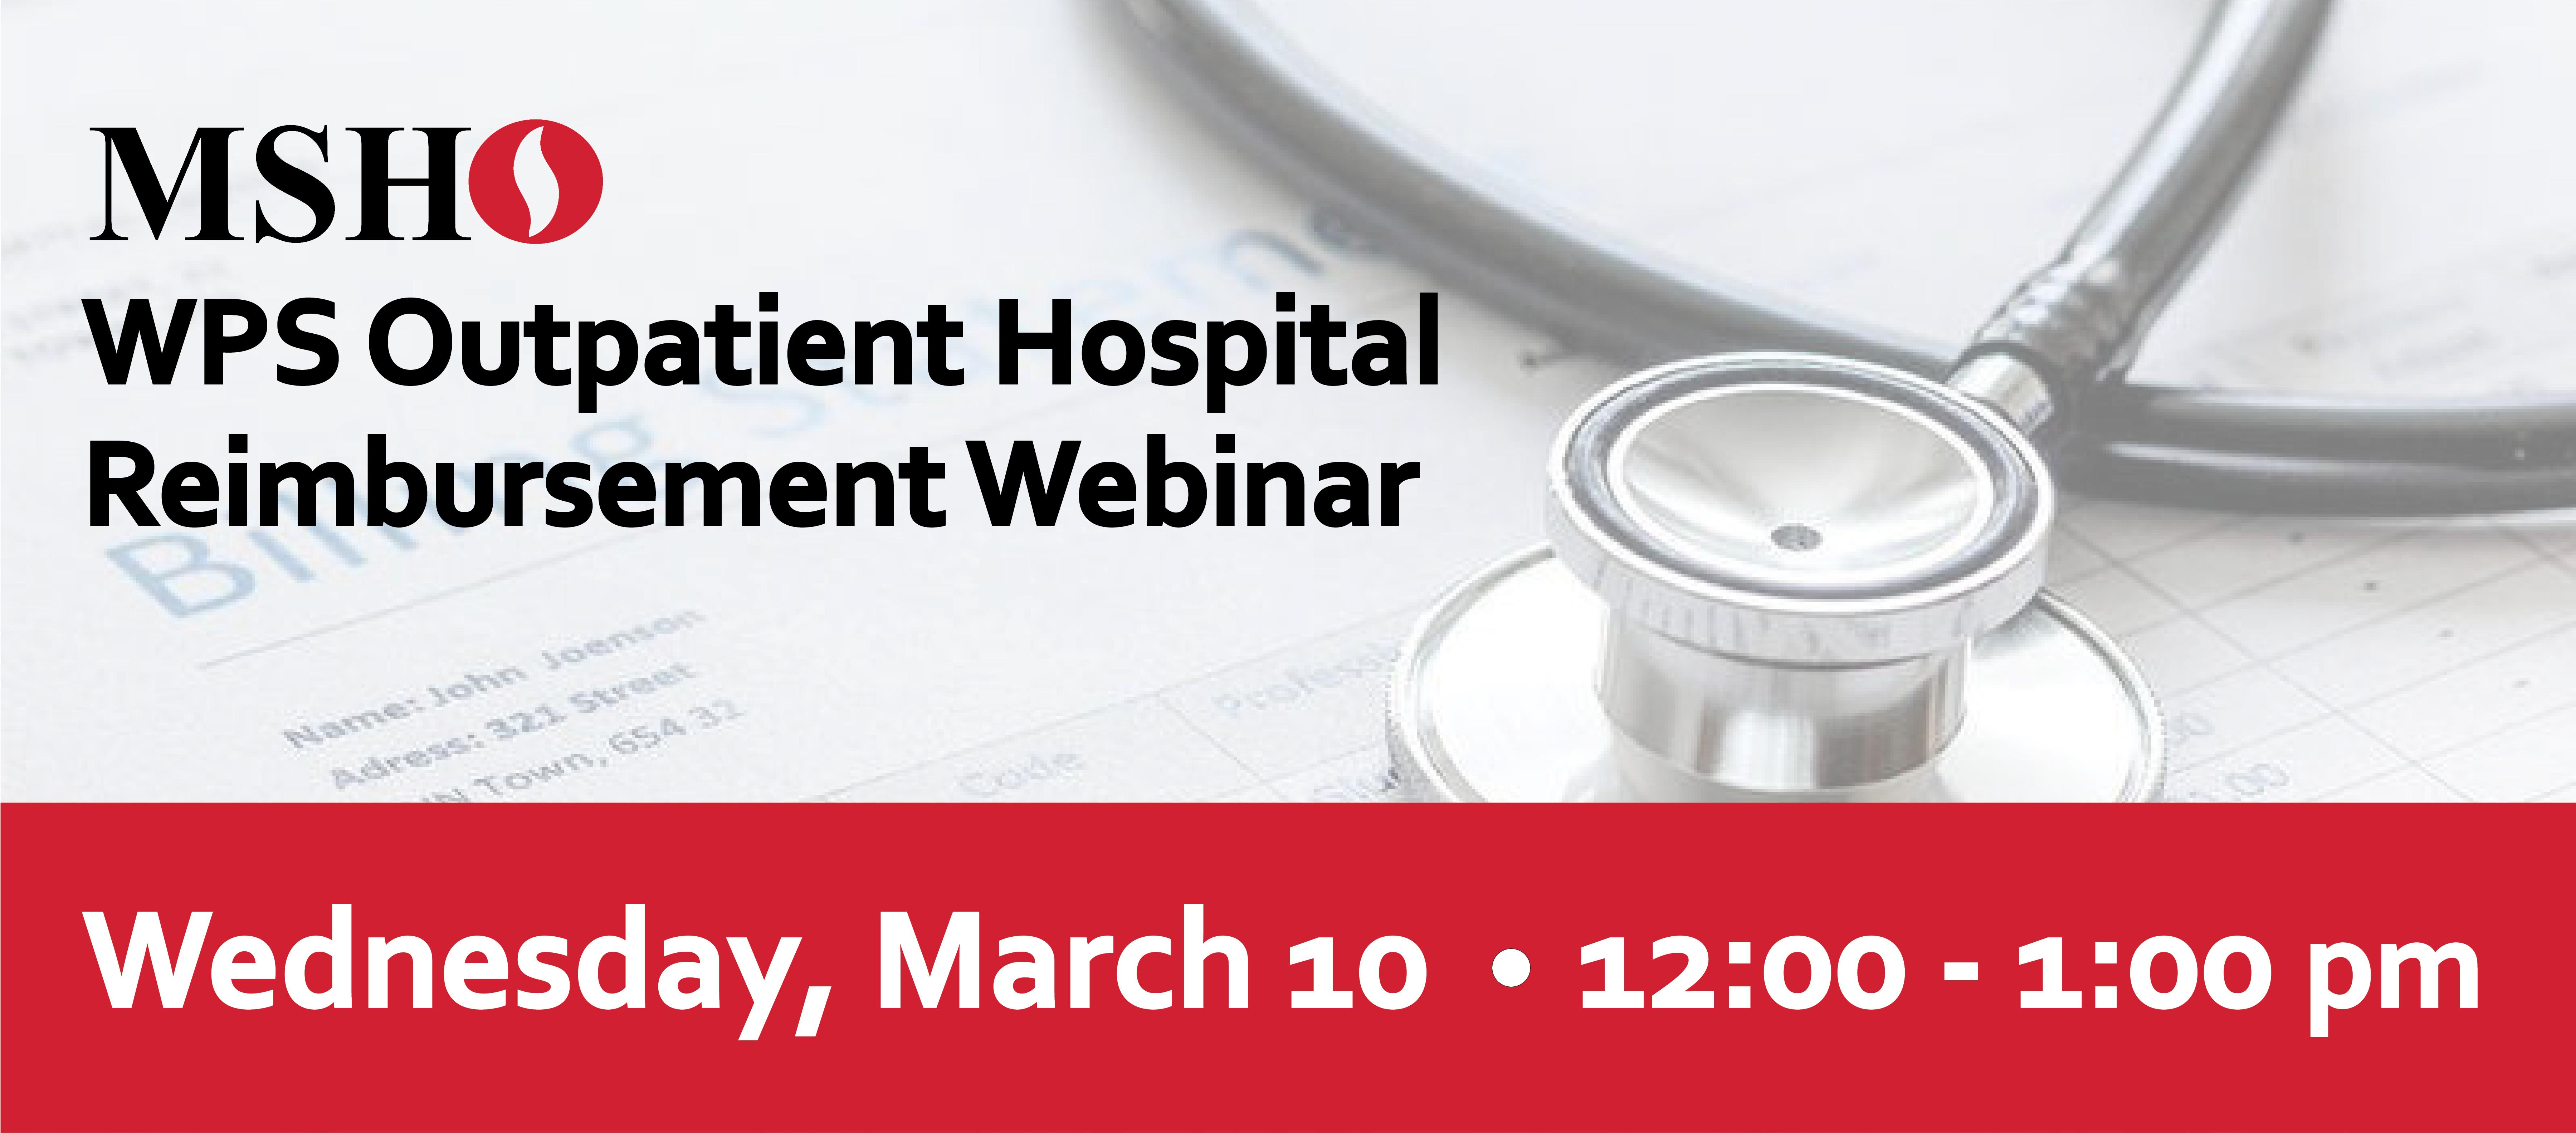 MSHO & WPS Outpatient Hospital Reimbursement Webinar